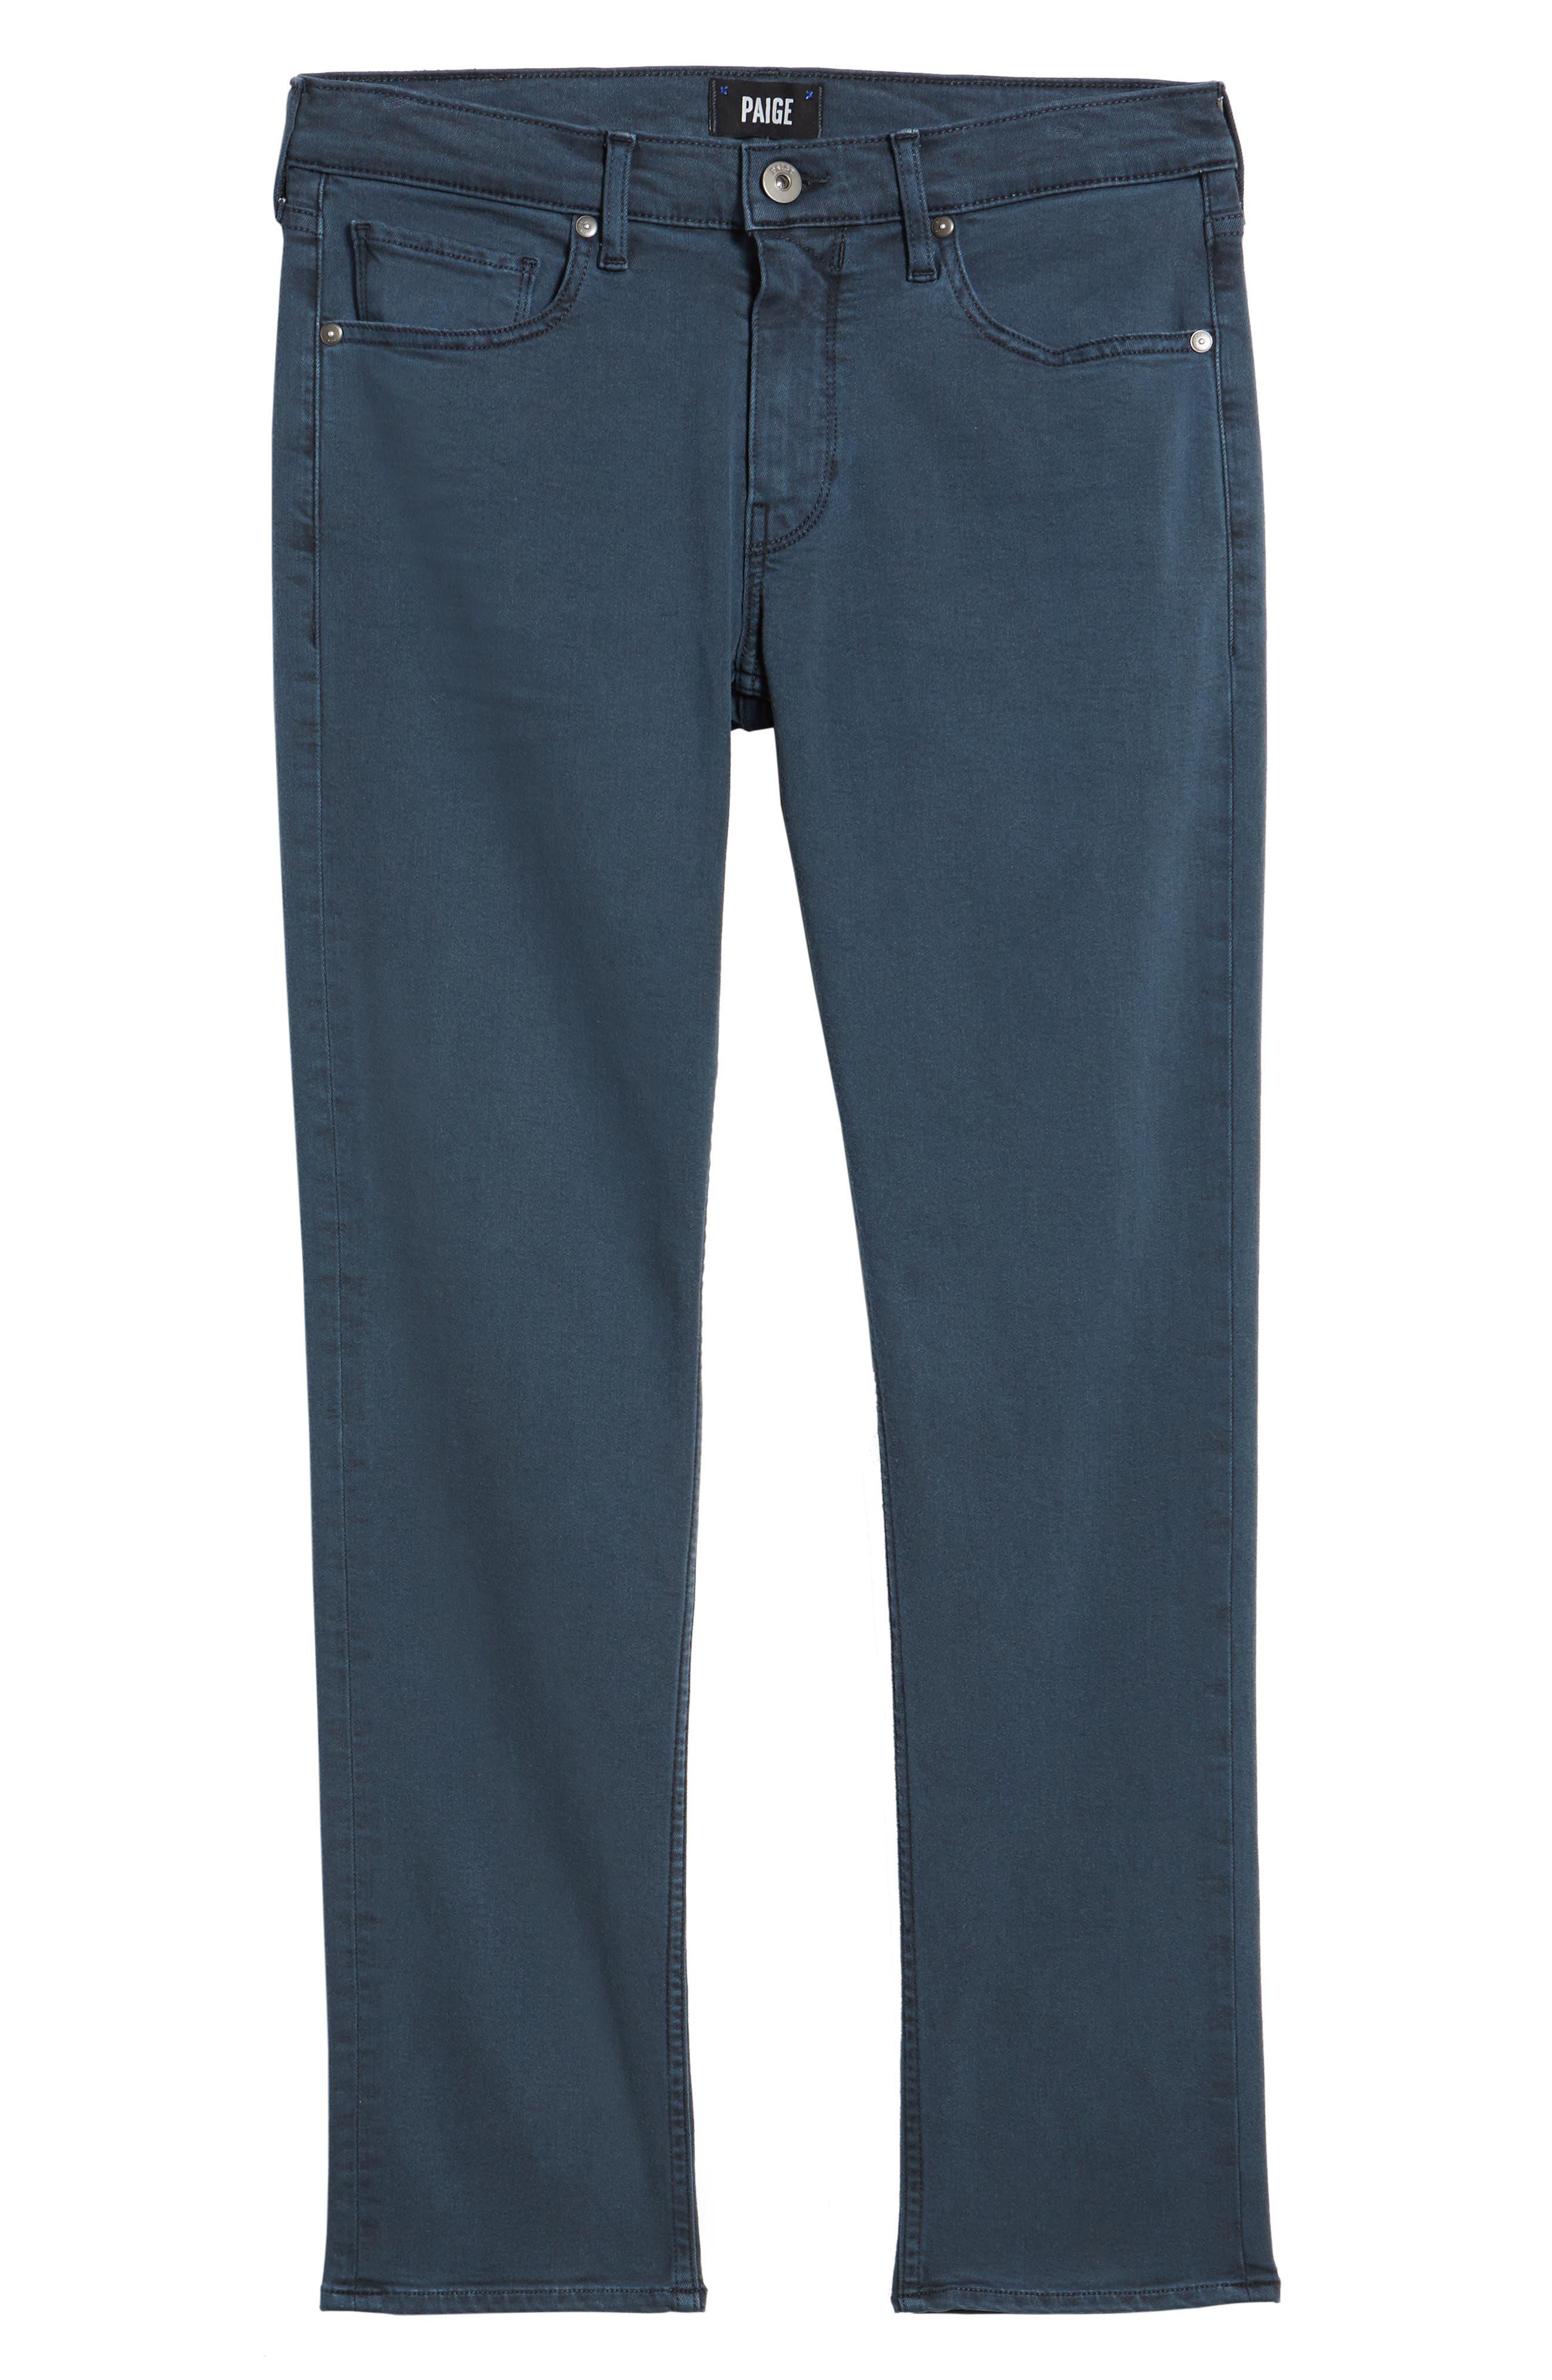 PAIGE, Lennox Slim Fit Jeans, Alternate thumbnail 6, color, 400